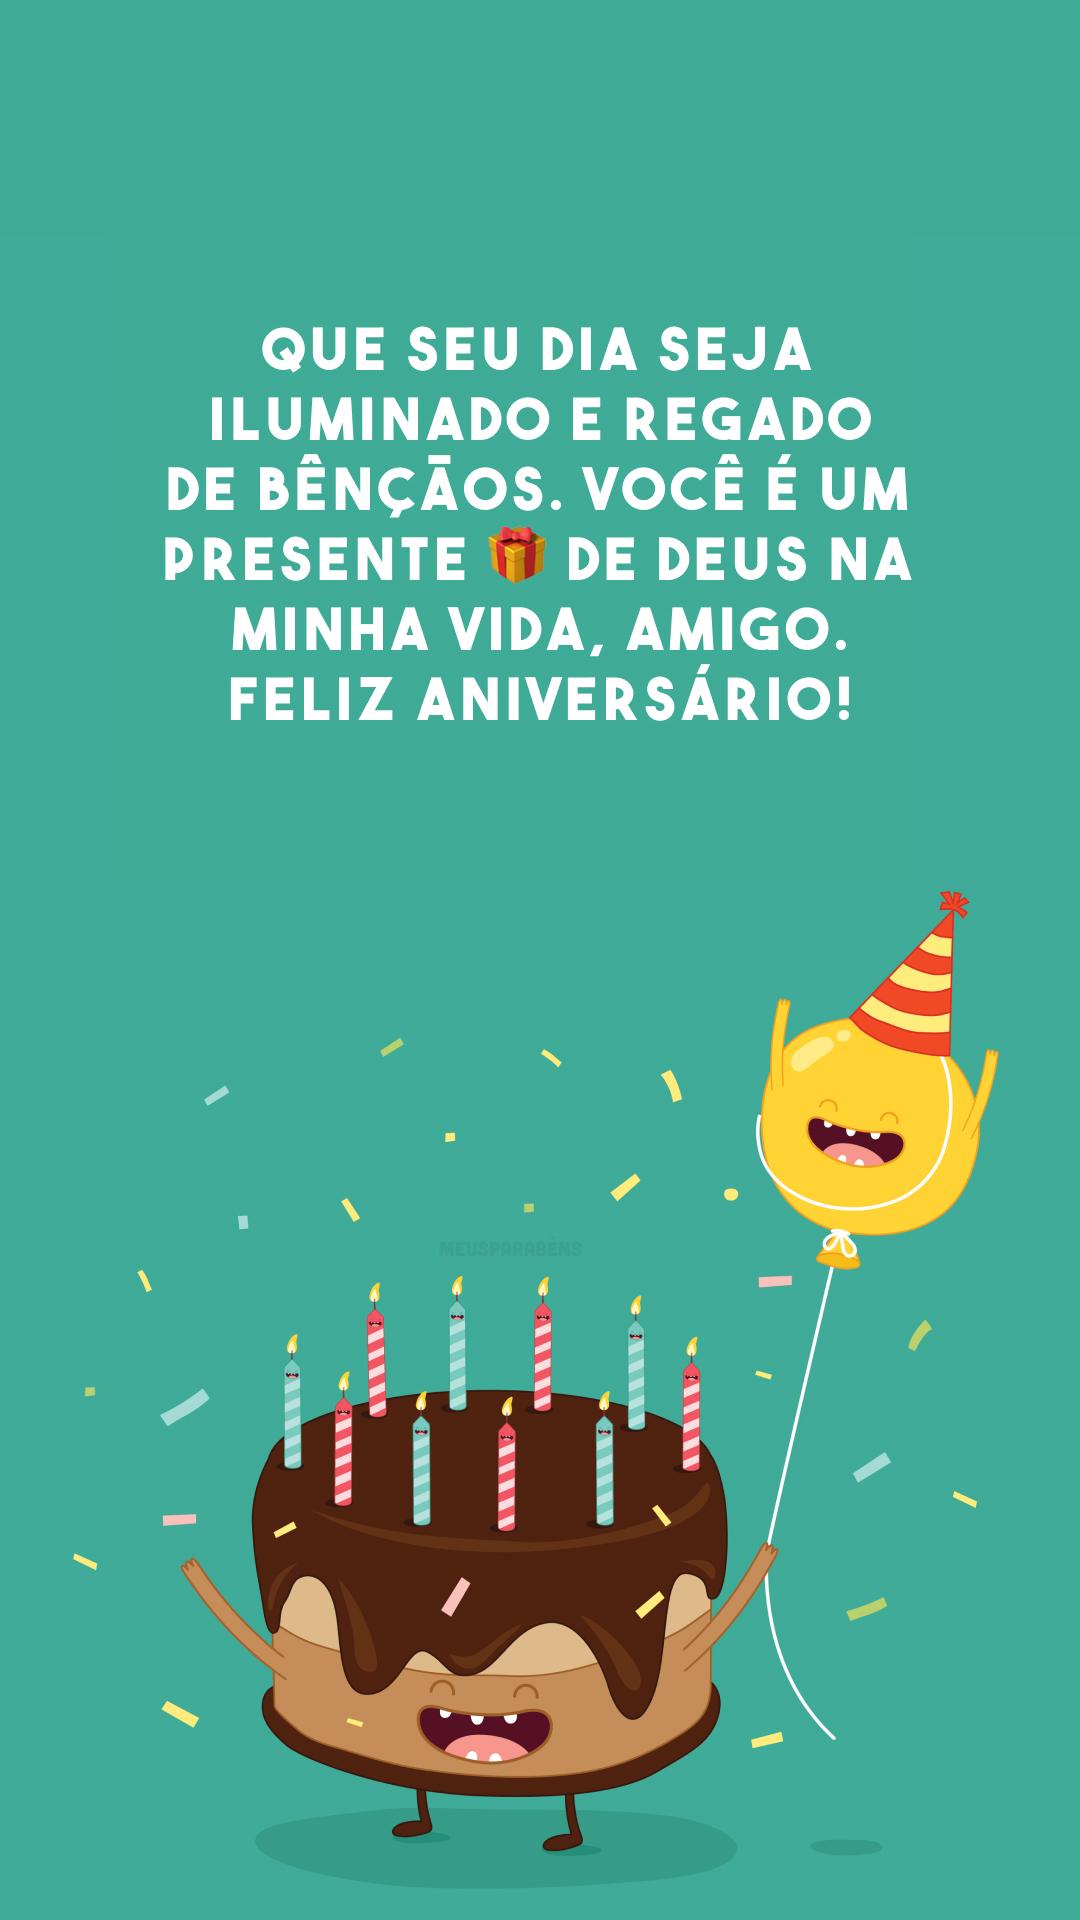 Que seu dia seja iluminado e regado de bênçãos. Você é um presente 🎁 de Deus na minha vida, amigo. Feliz aniversário!